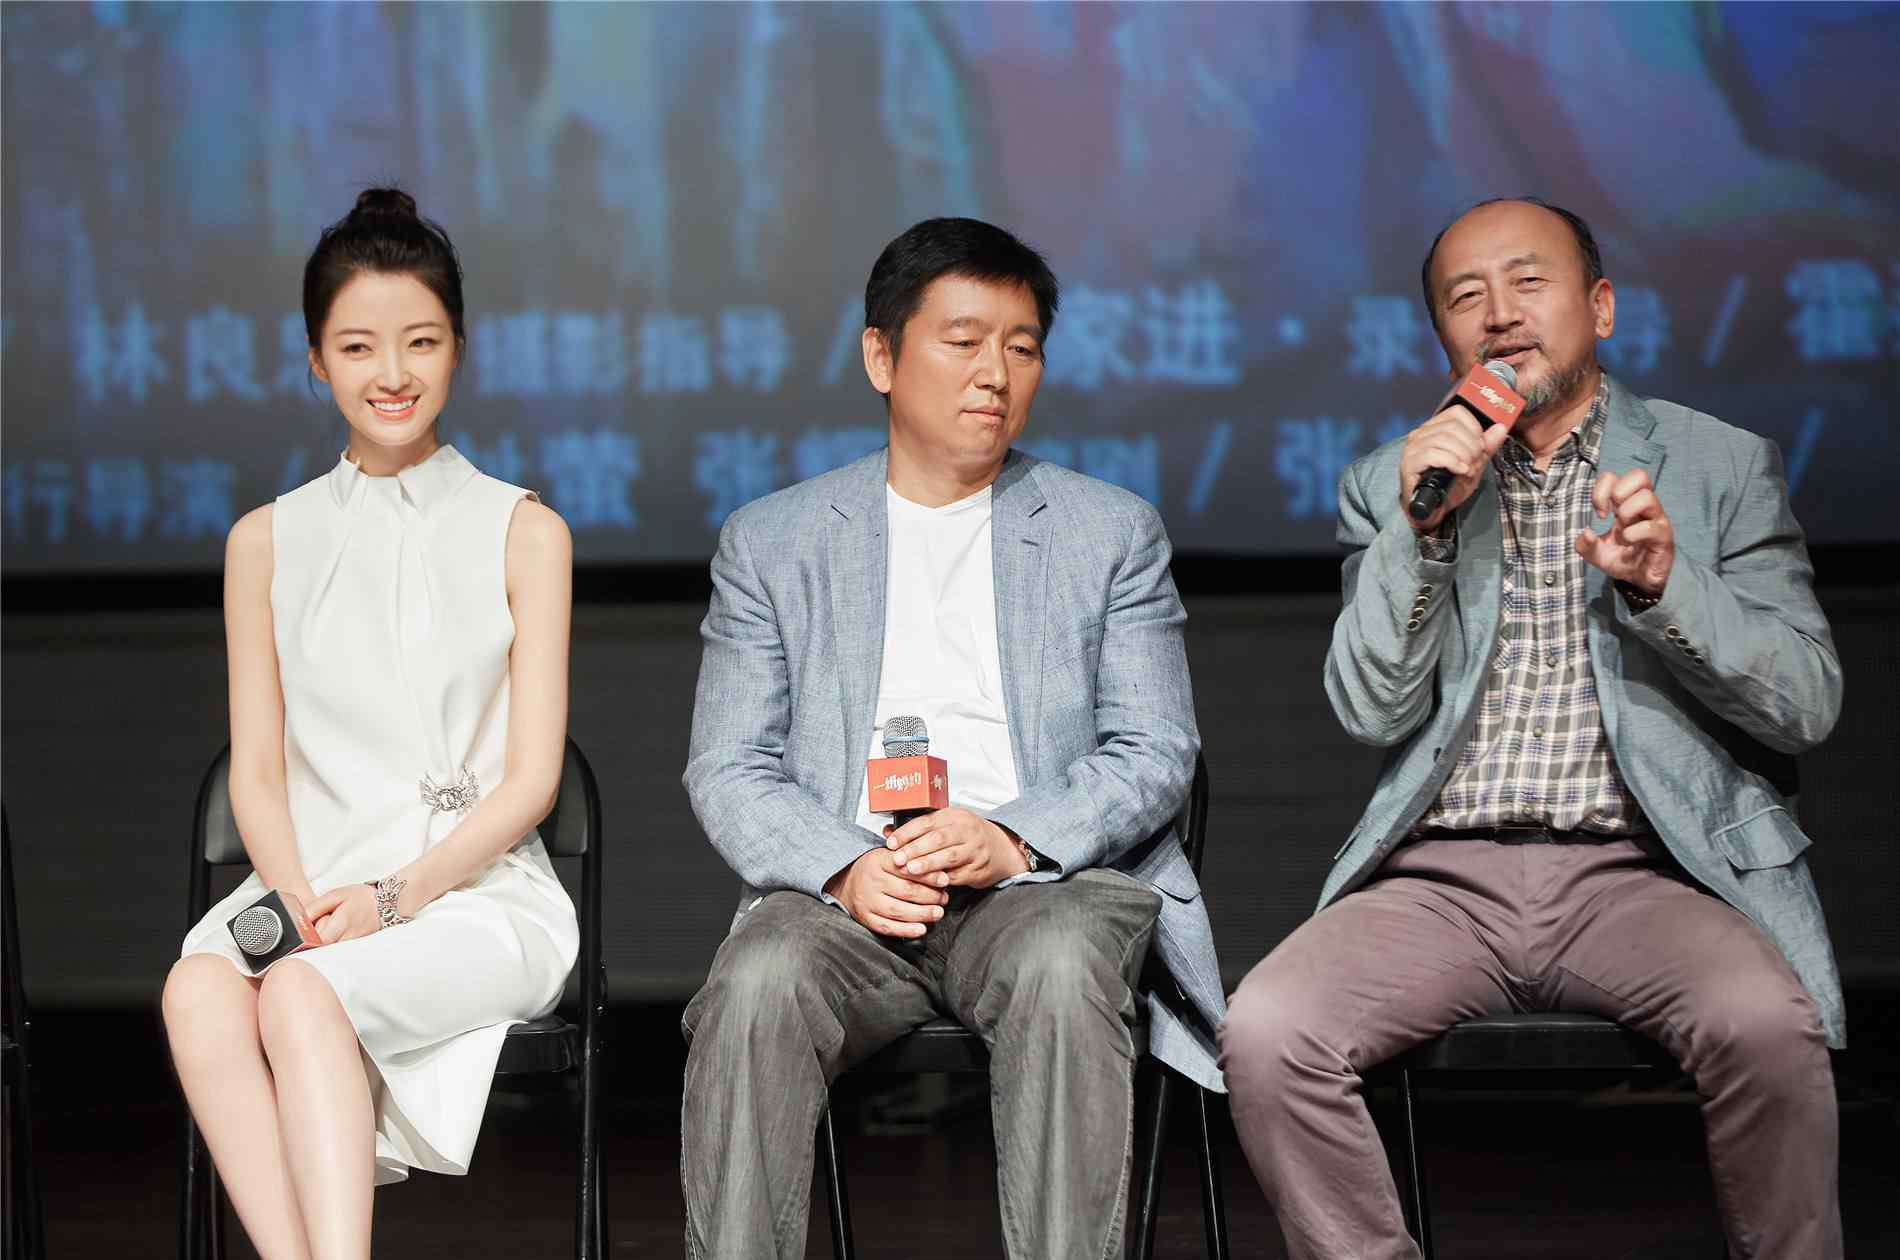 一纸婚约评价 一纸婚约刘熙阳和前男友魏健隆为啥分手?北电同学怎么评价刘熙阳